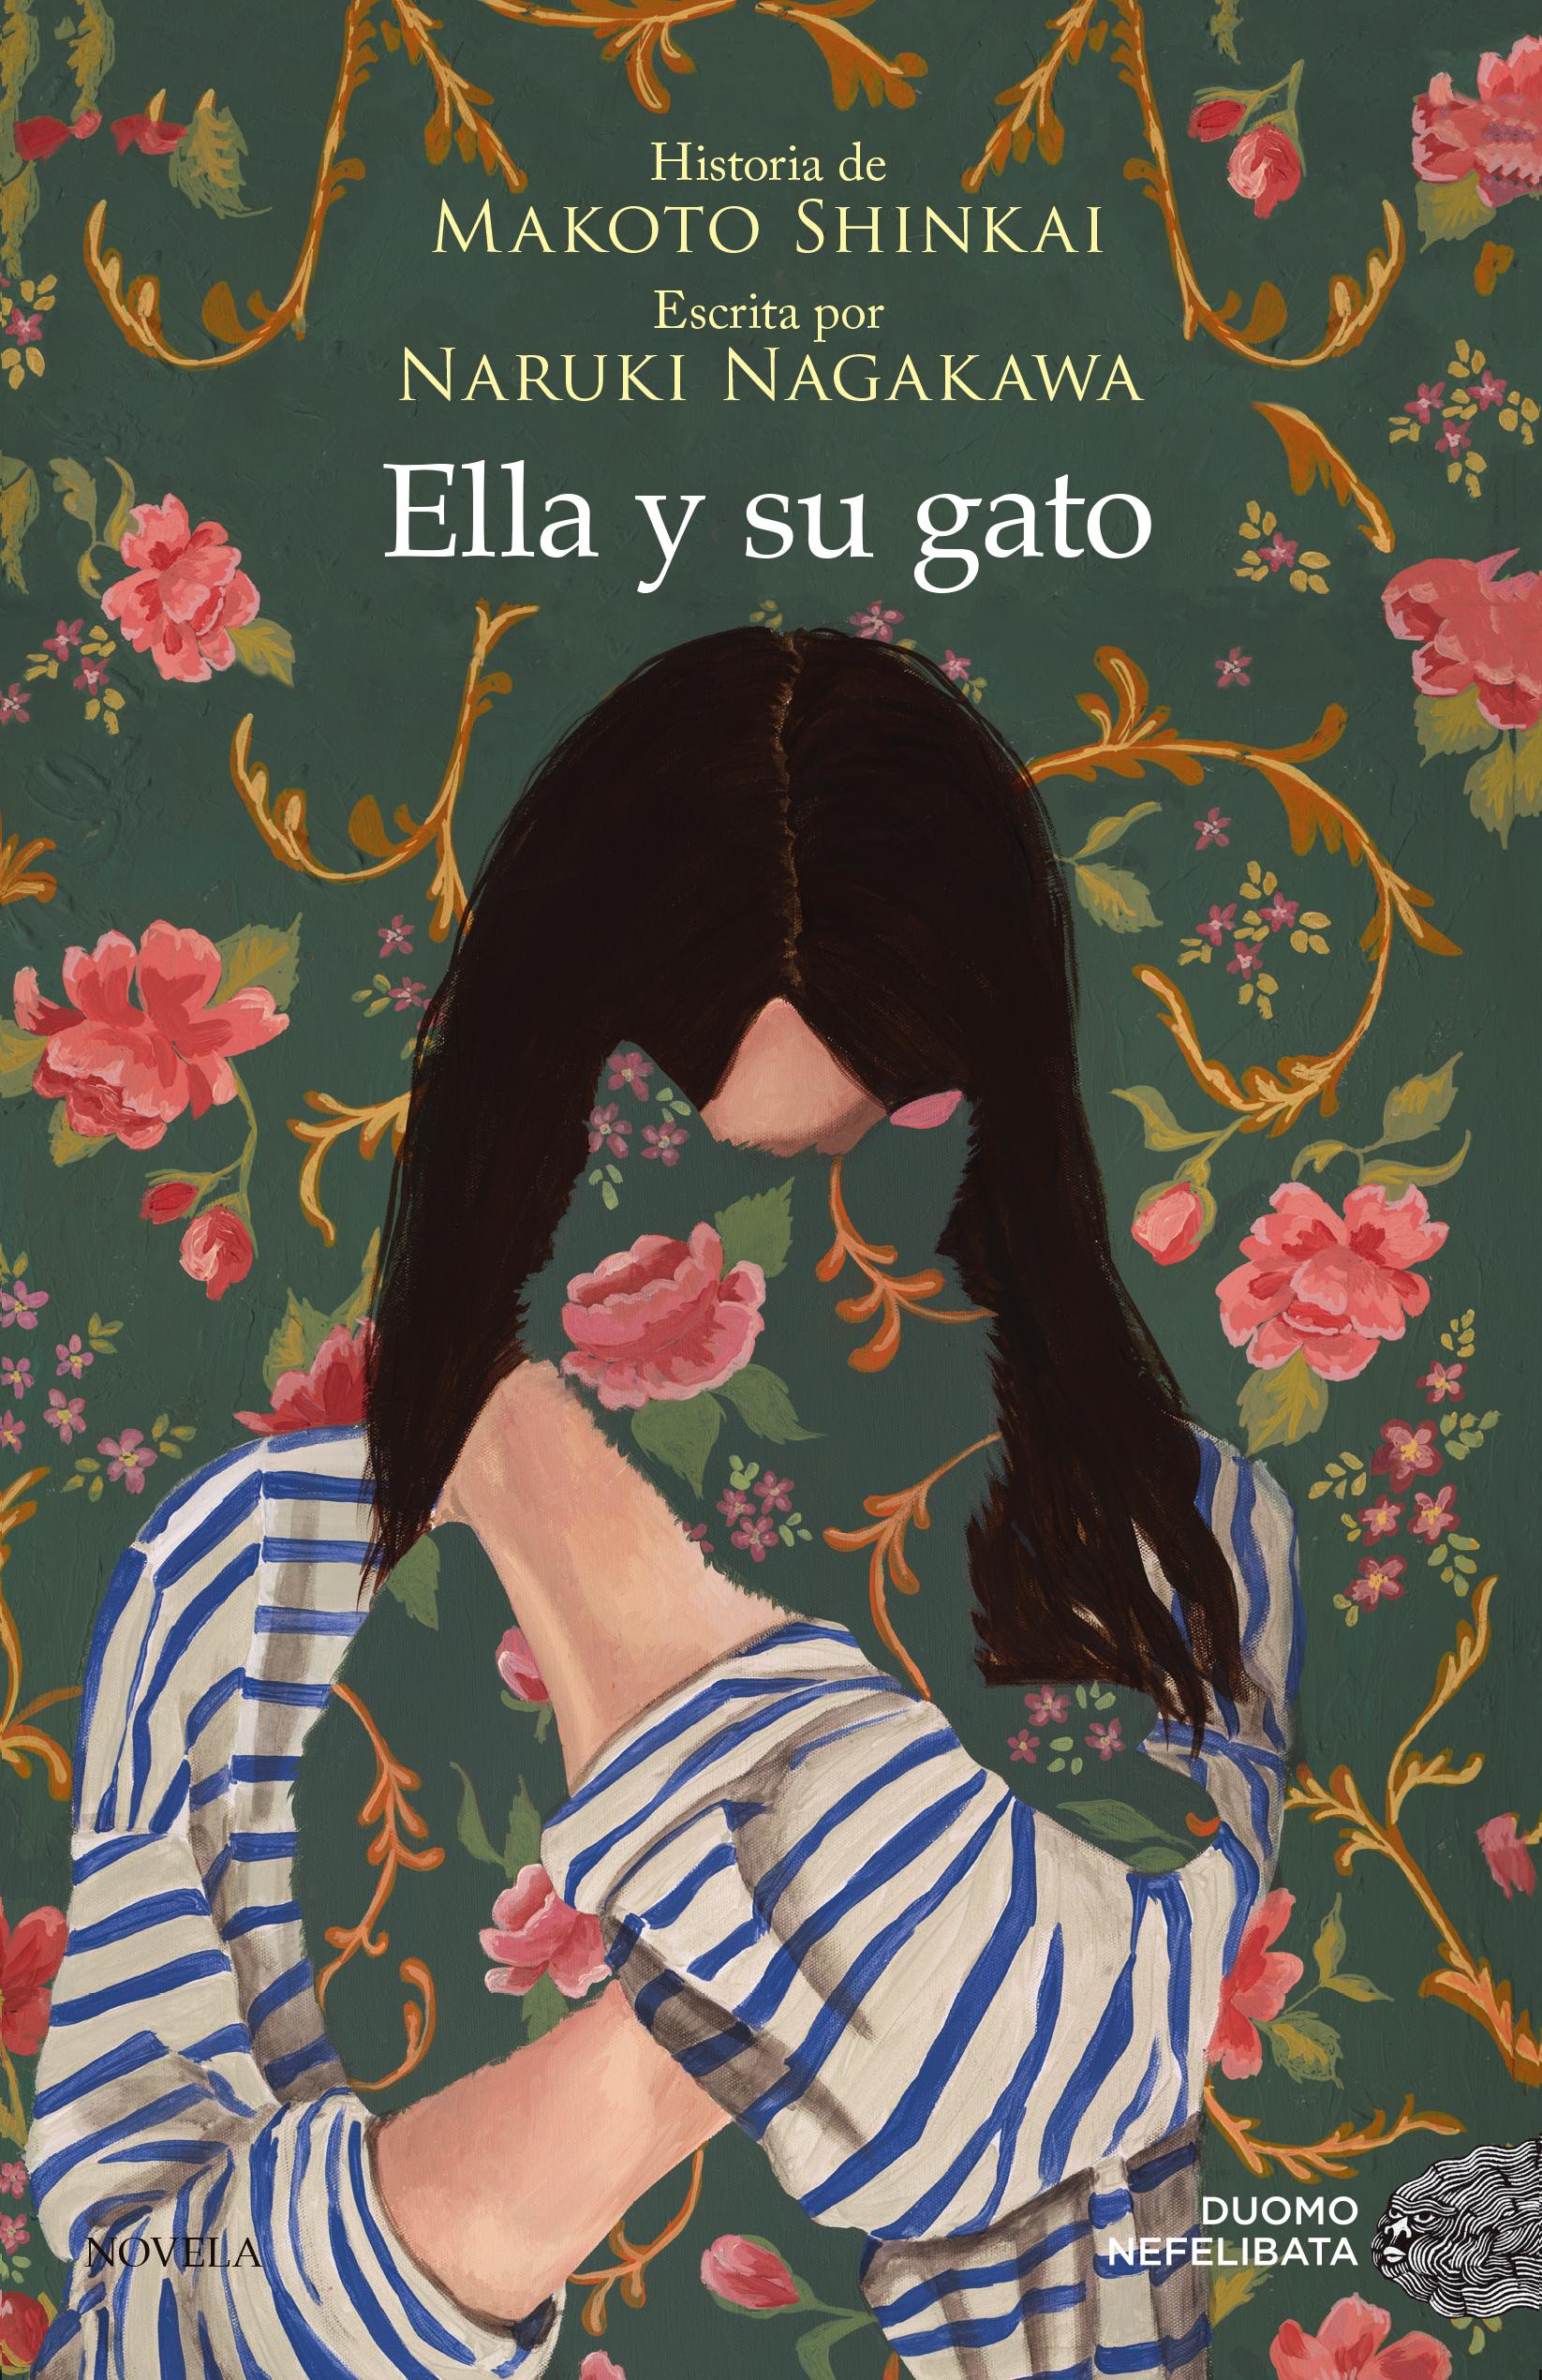 ELLA-Y-SU-GATO-WEB-300.jpg